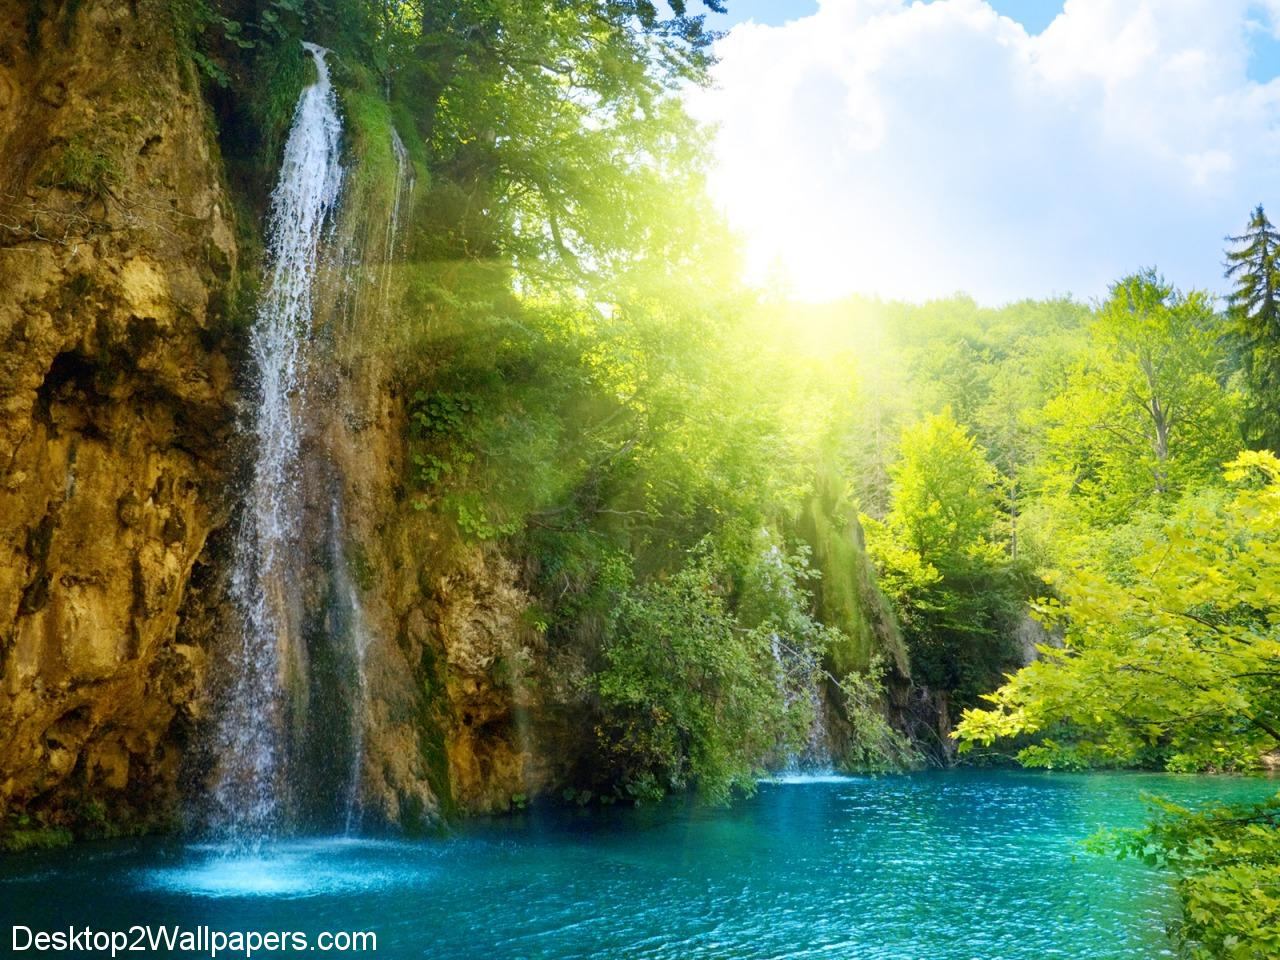 http://3.bp.blogspot.com/-2XkwITBT0gE/T6wzOLBD6yI/AAAAAAAAAf8/ZCt_FAytZyw/s1600/Sunny-Waterfalls--1.jpeg